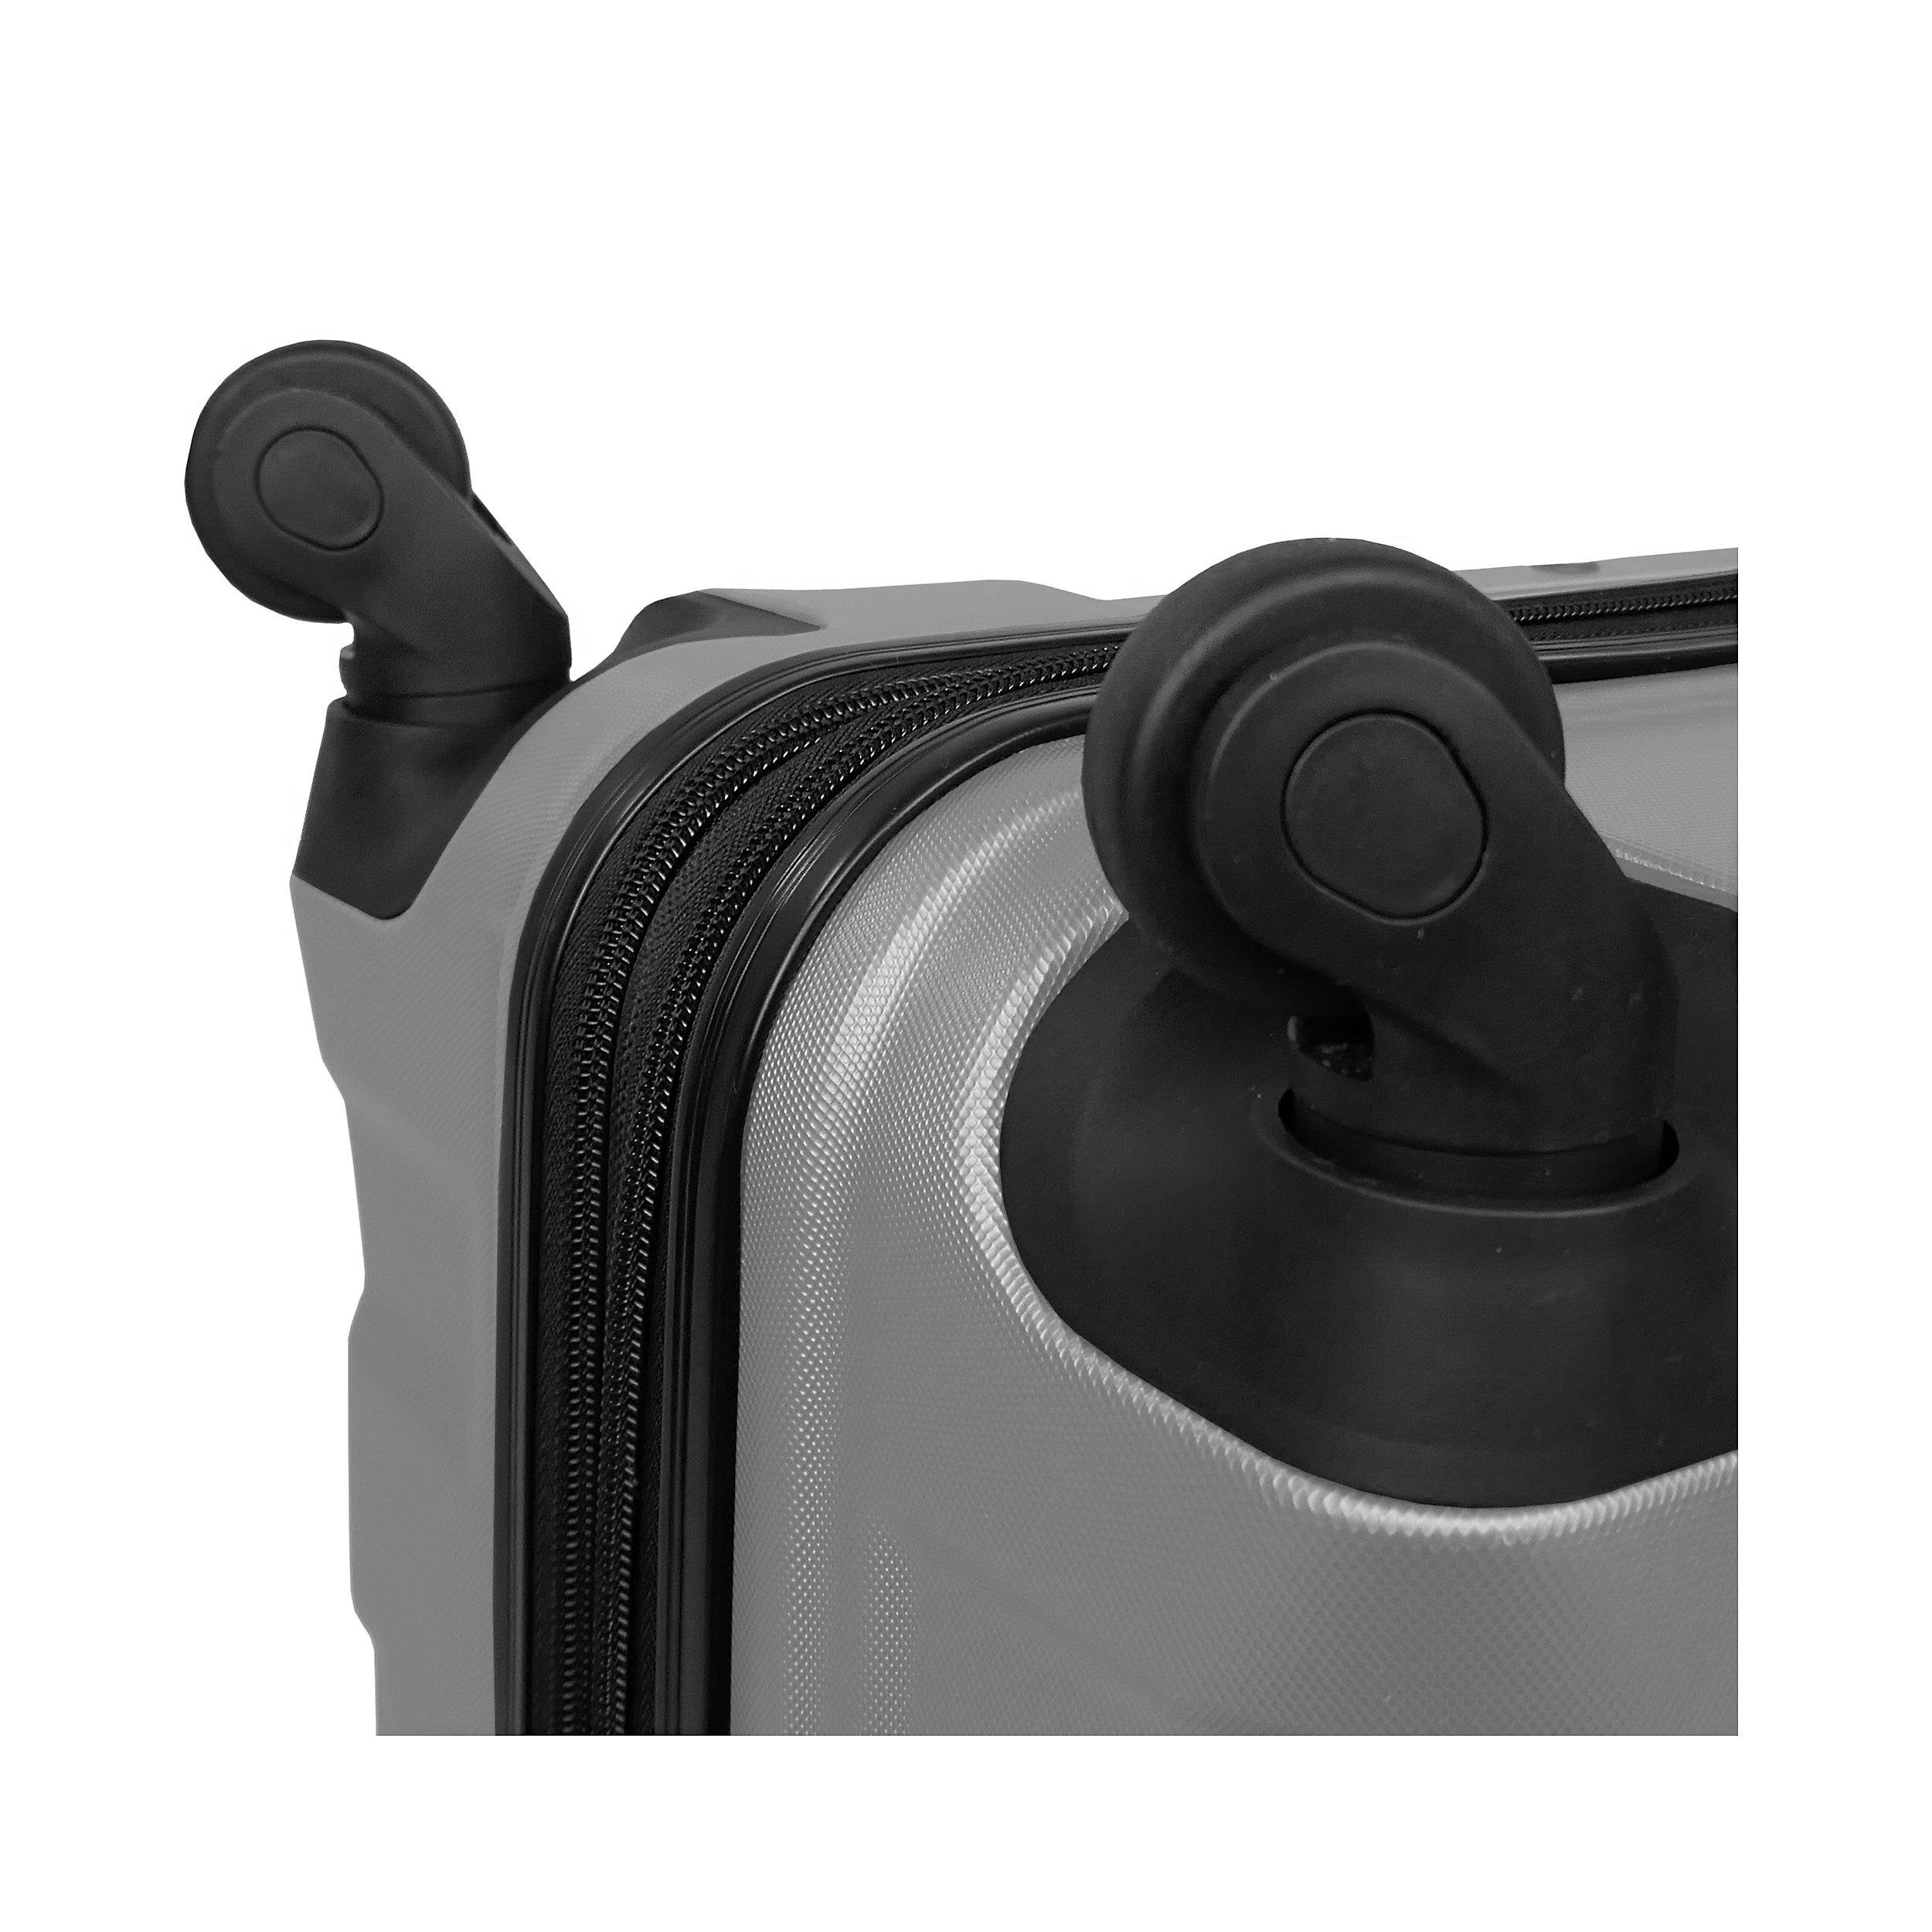 Trolley mit 4 Rollen mit 4 Rollen 66 cm EXP Chicago M 76 Liter